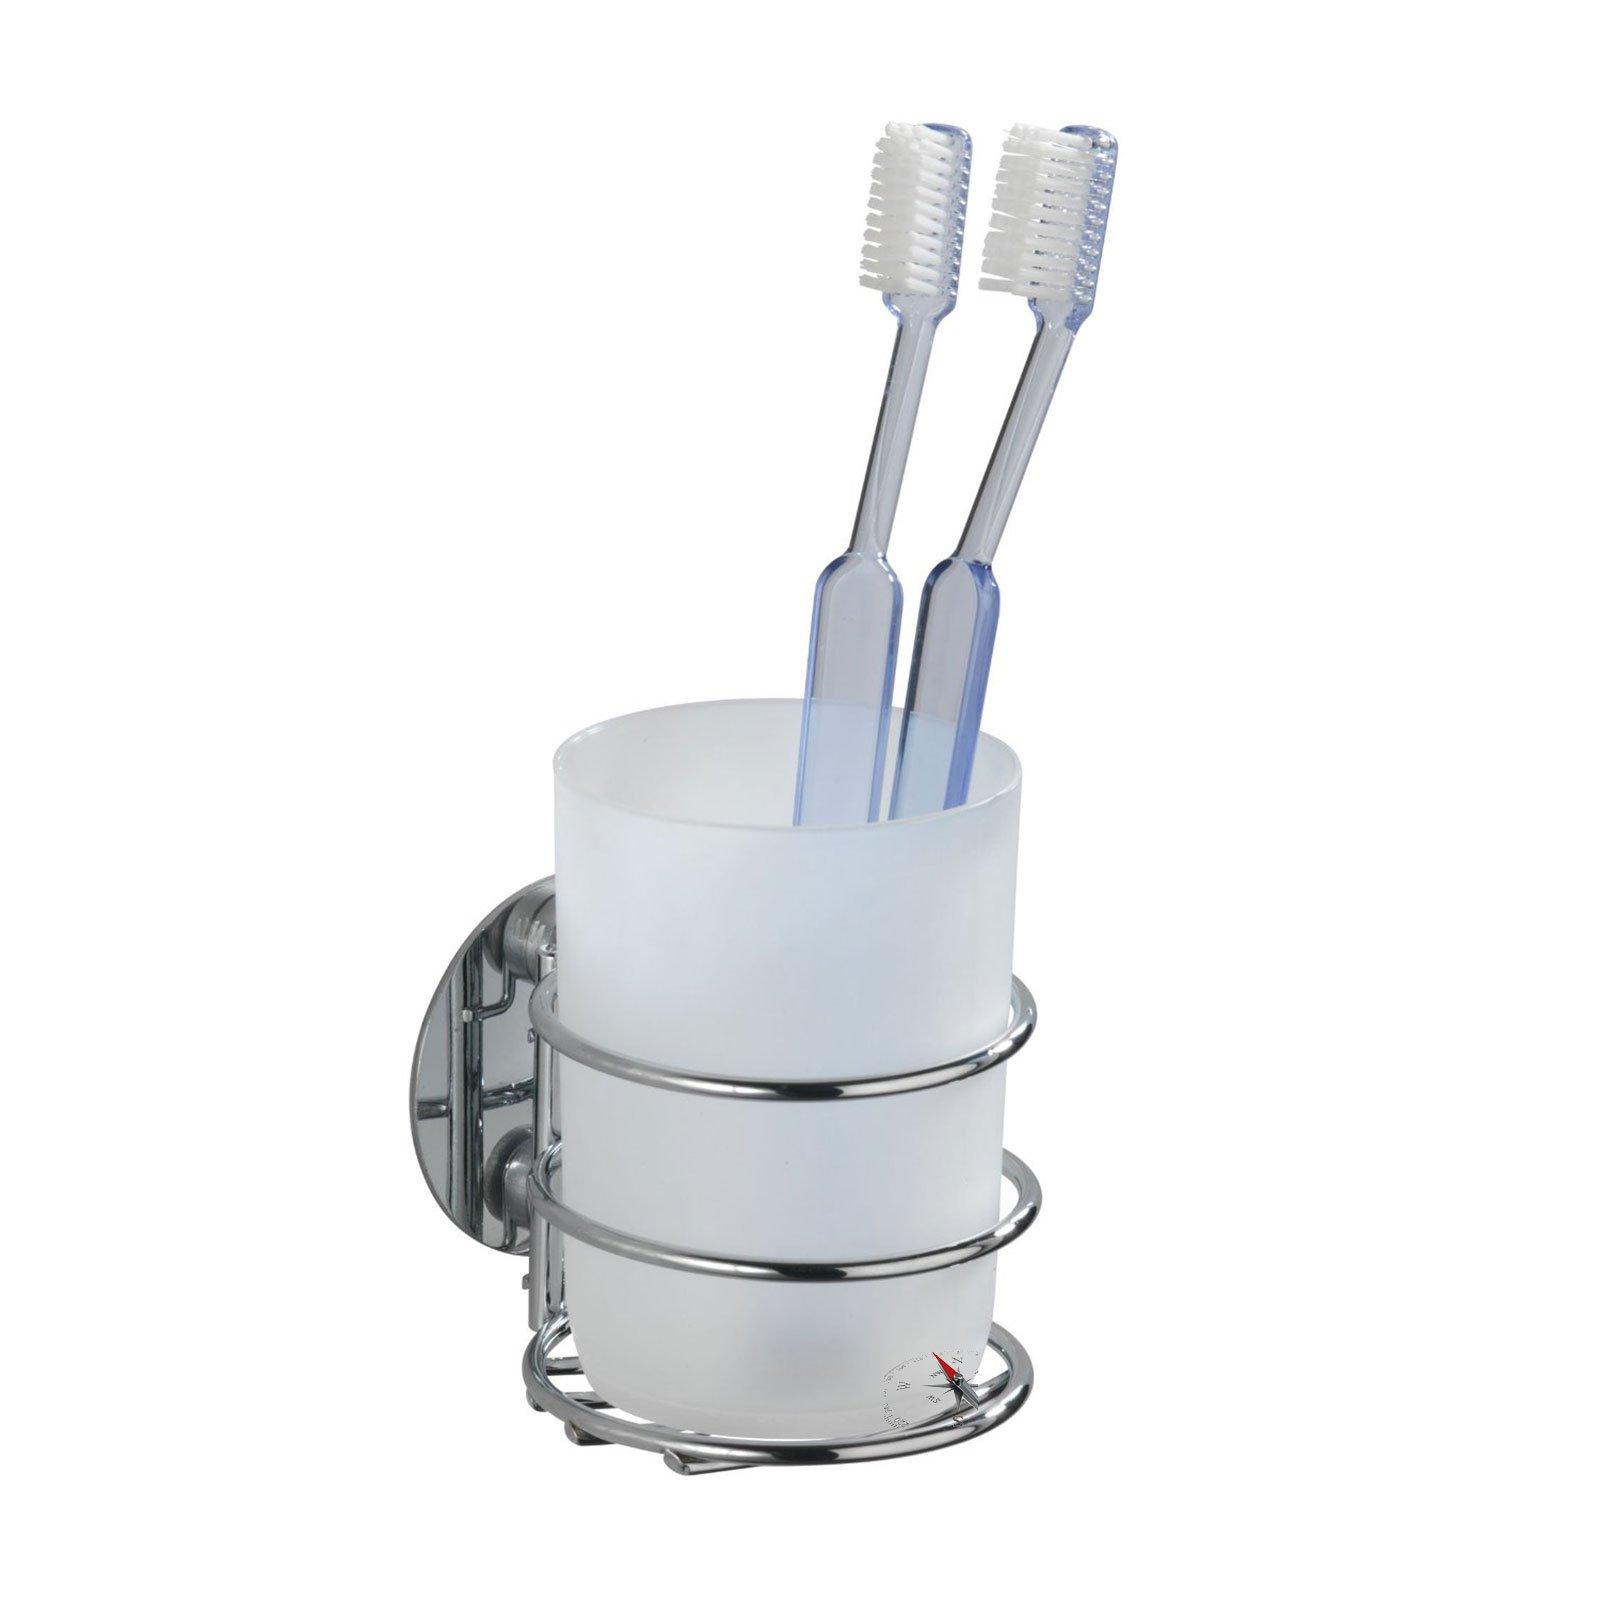 RegalSeifenhalterWandablage # 20170222154539 Badezimmer Ohne Bohren